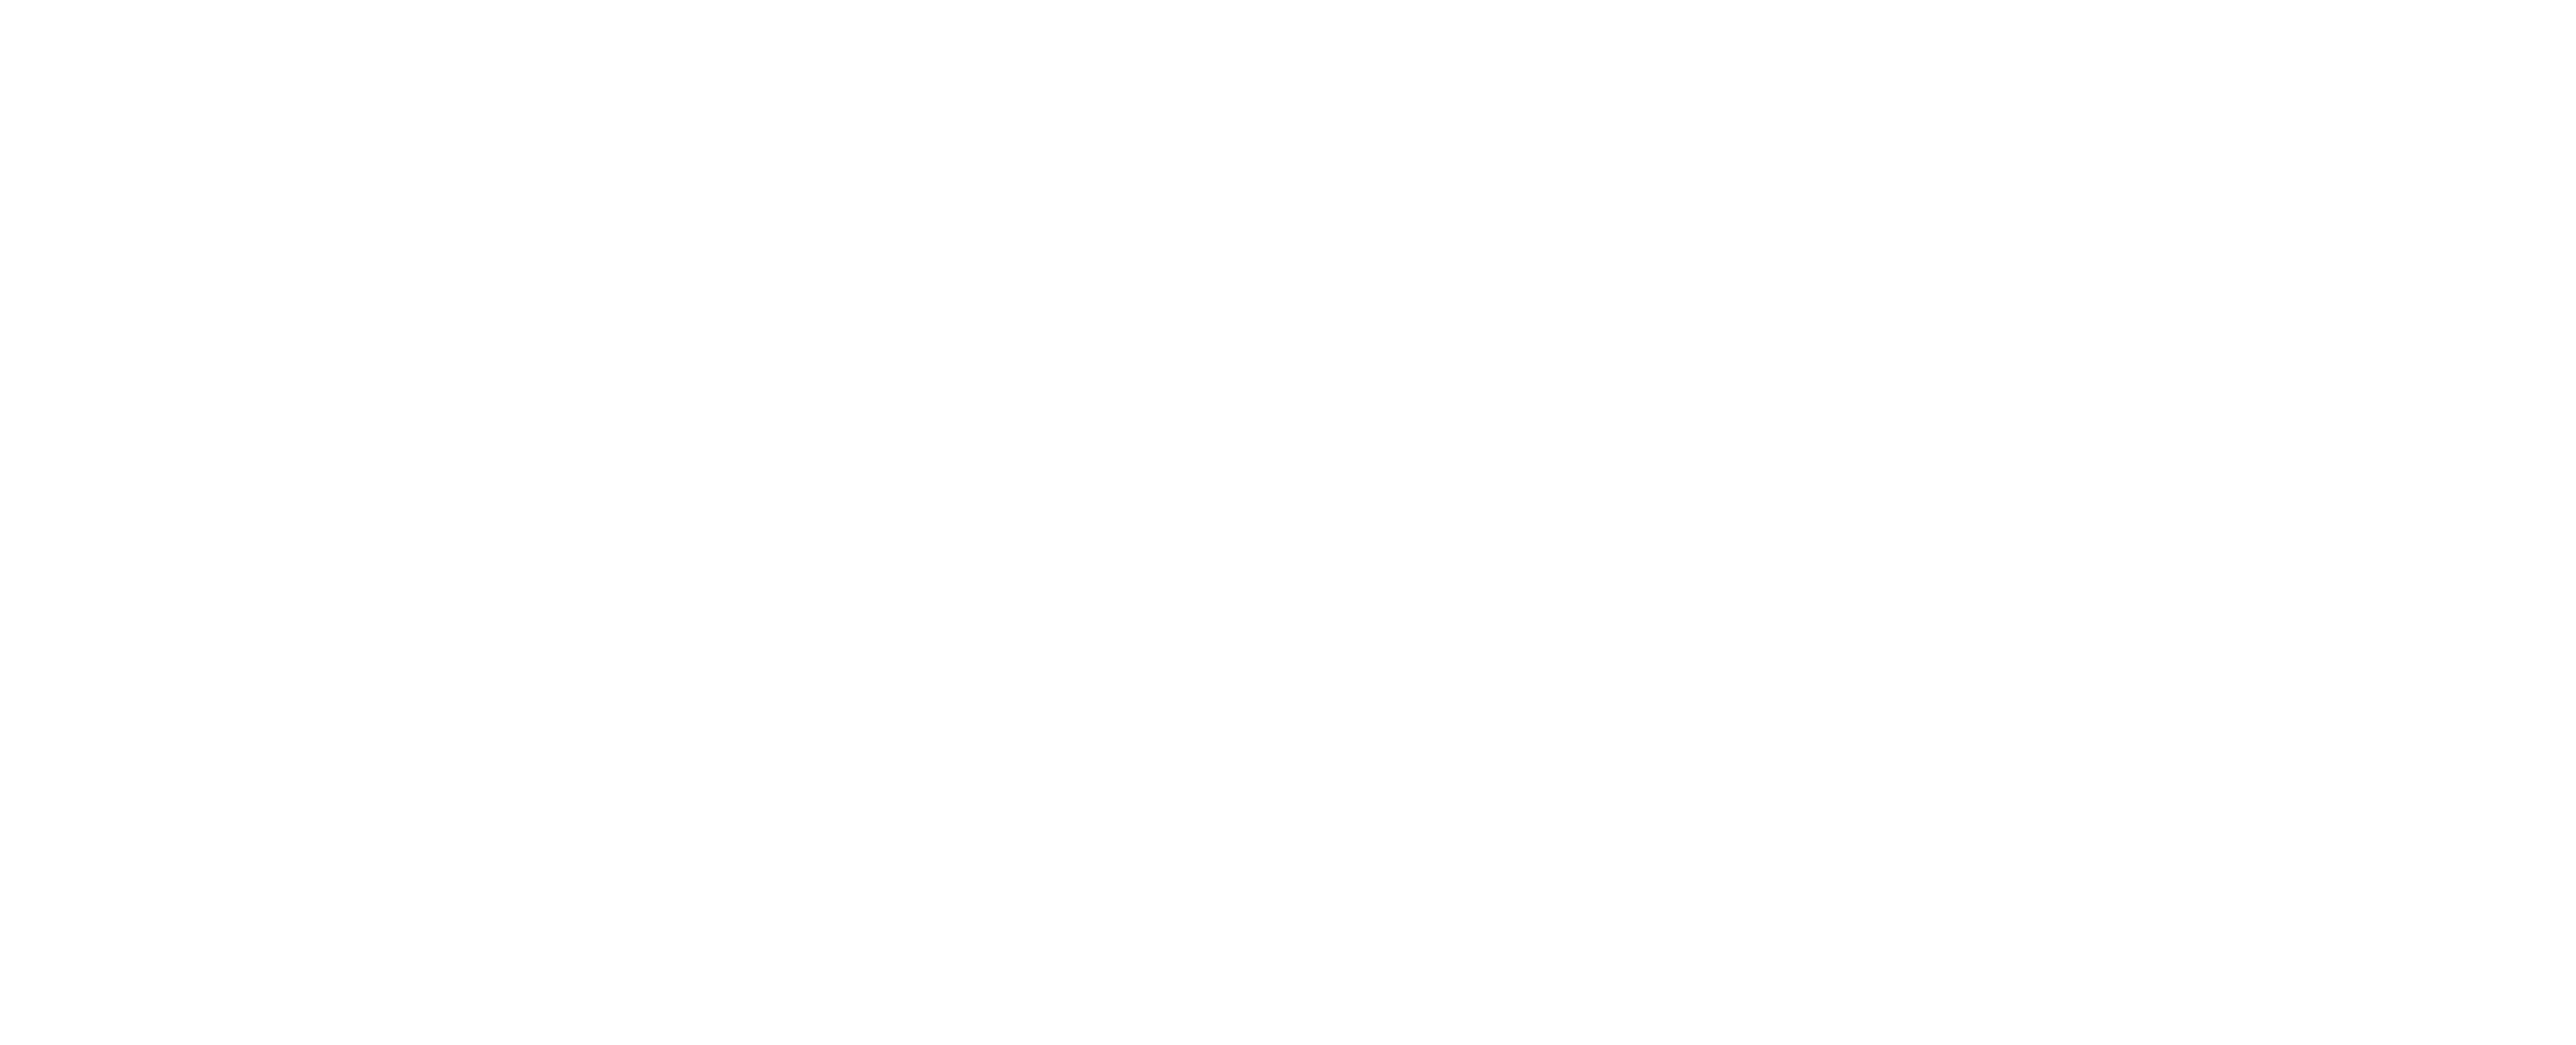 pankortho weiß-01